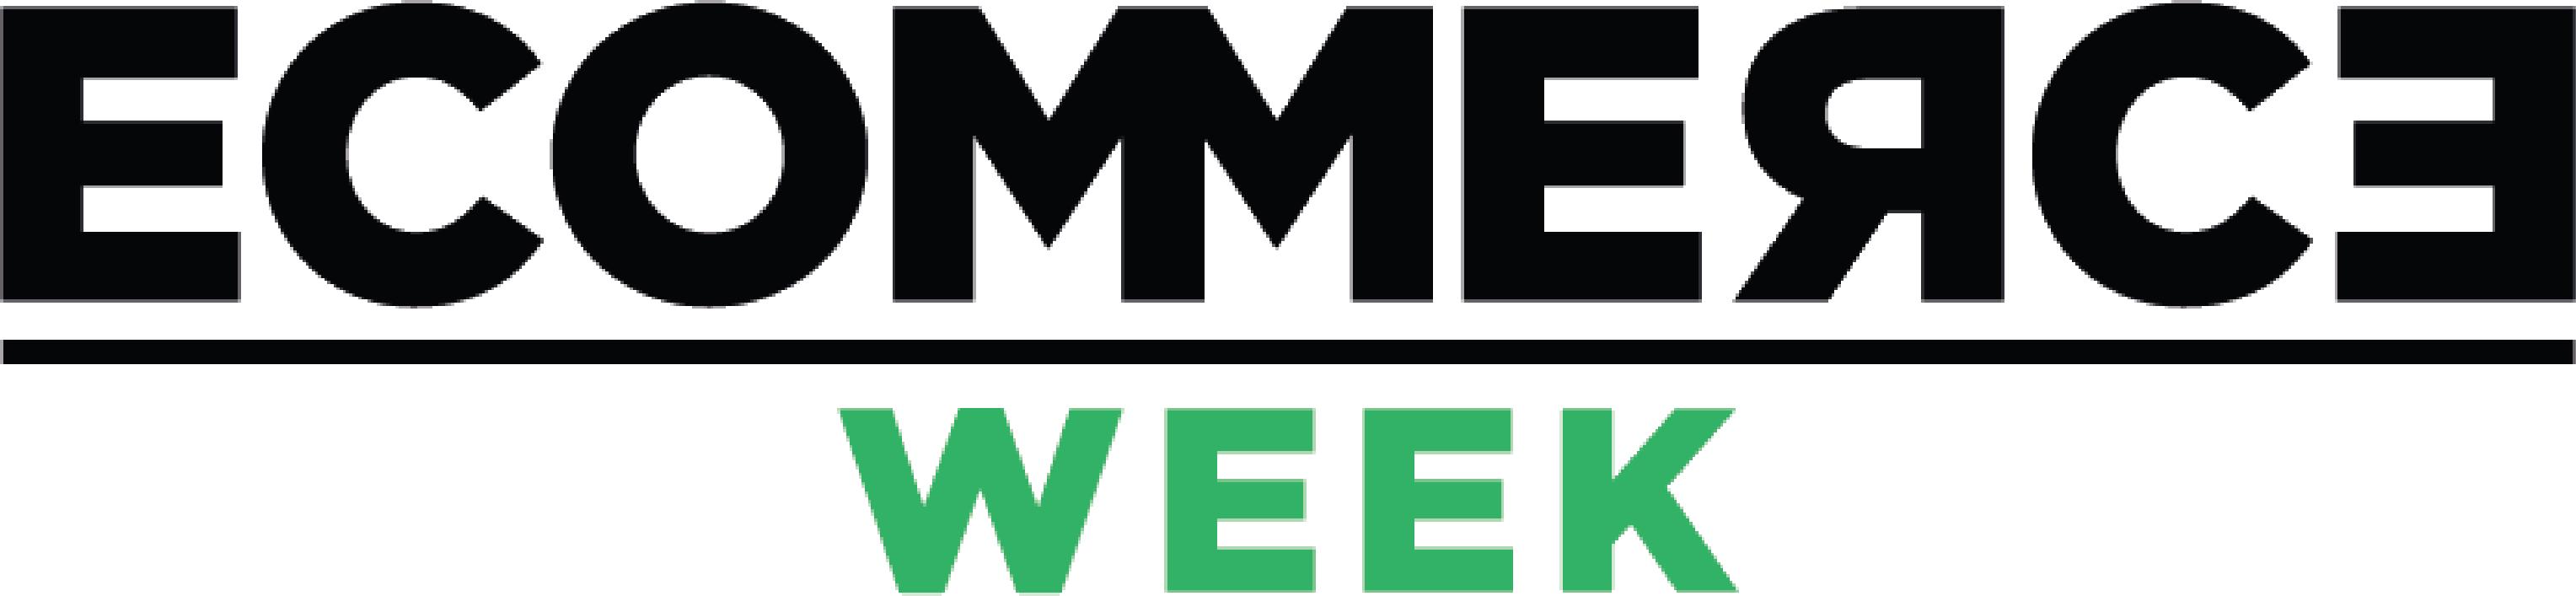 EcommerceWEEK | La prima maratona digitale sul mondo dell'ecommerce